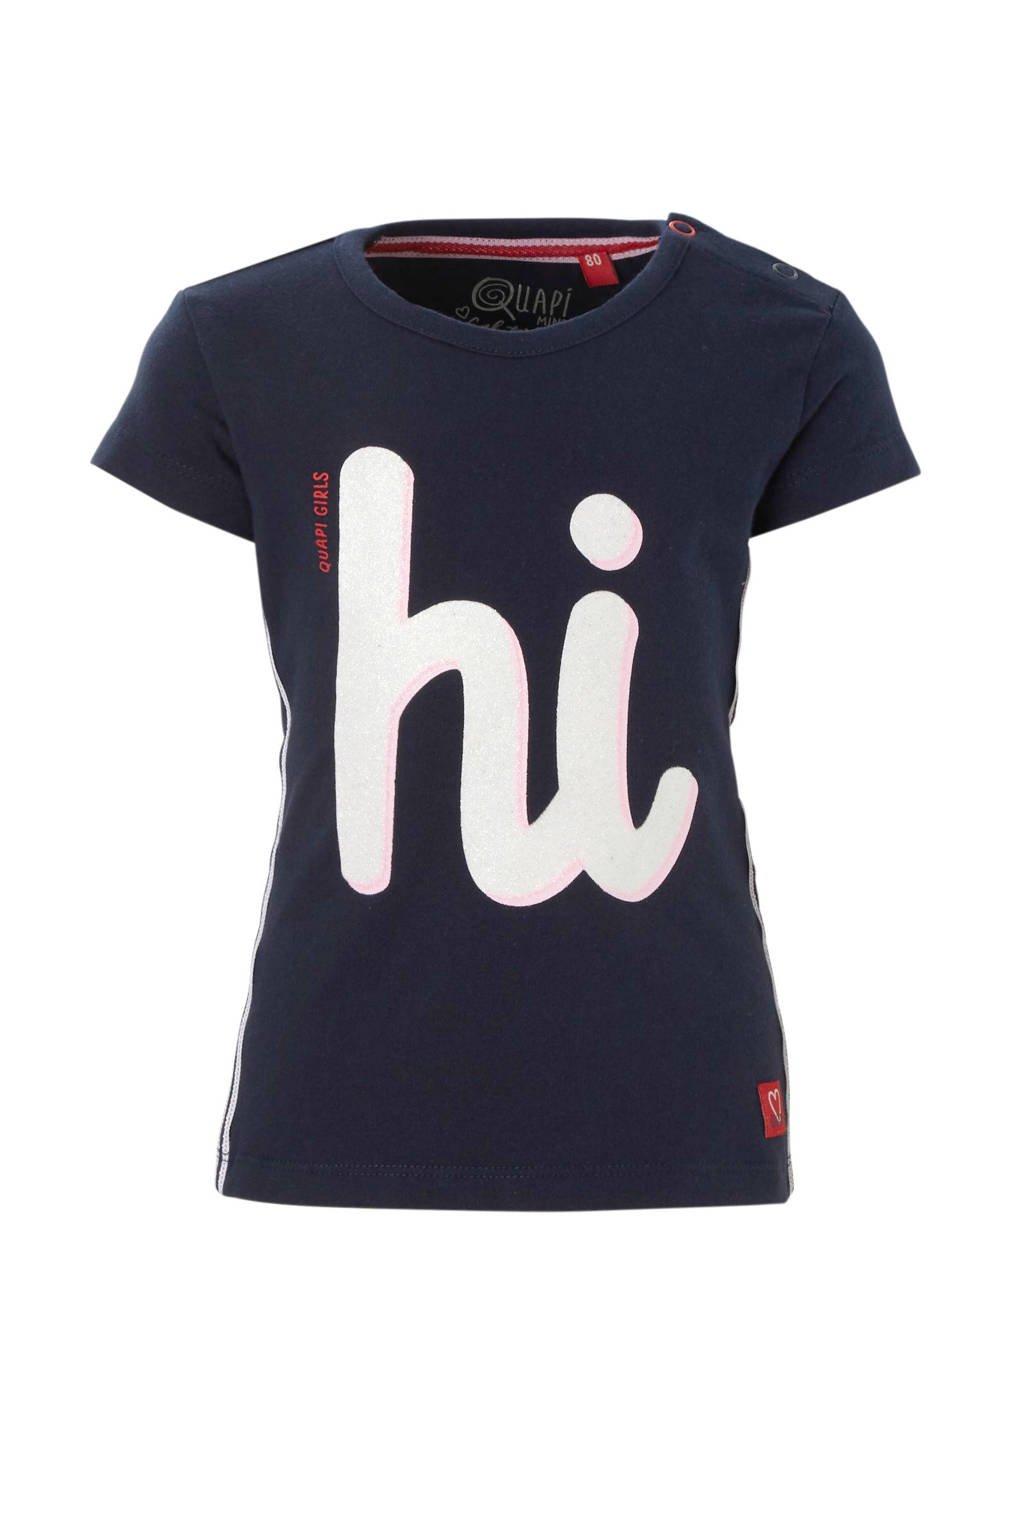 Quapi baby T-shirt met print Roma donkerblauw, Donkerblauw/wit